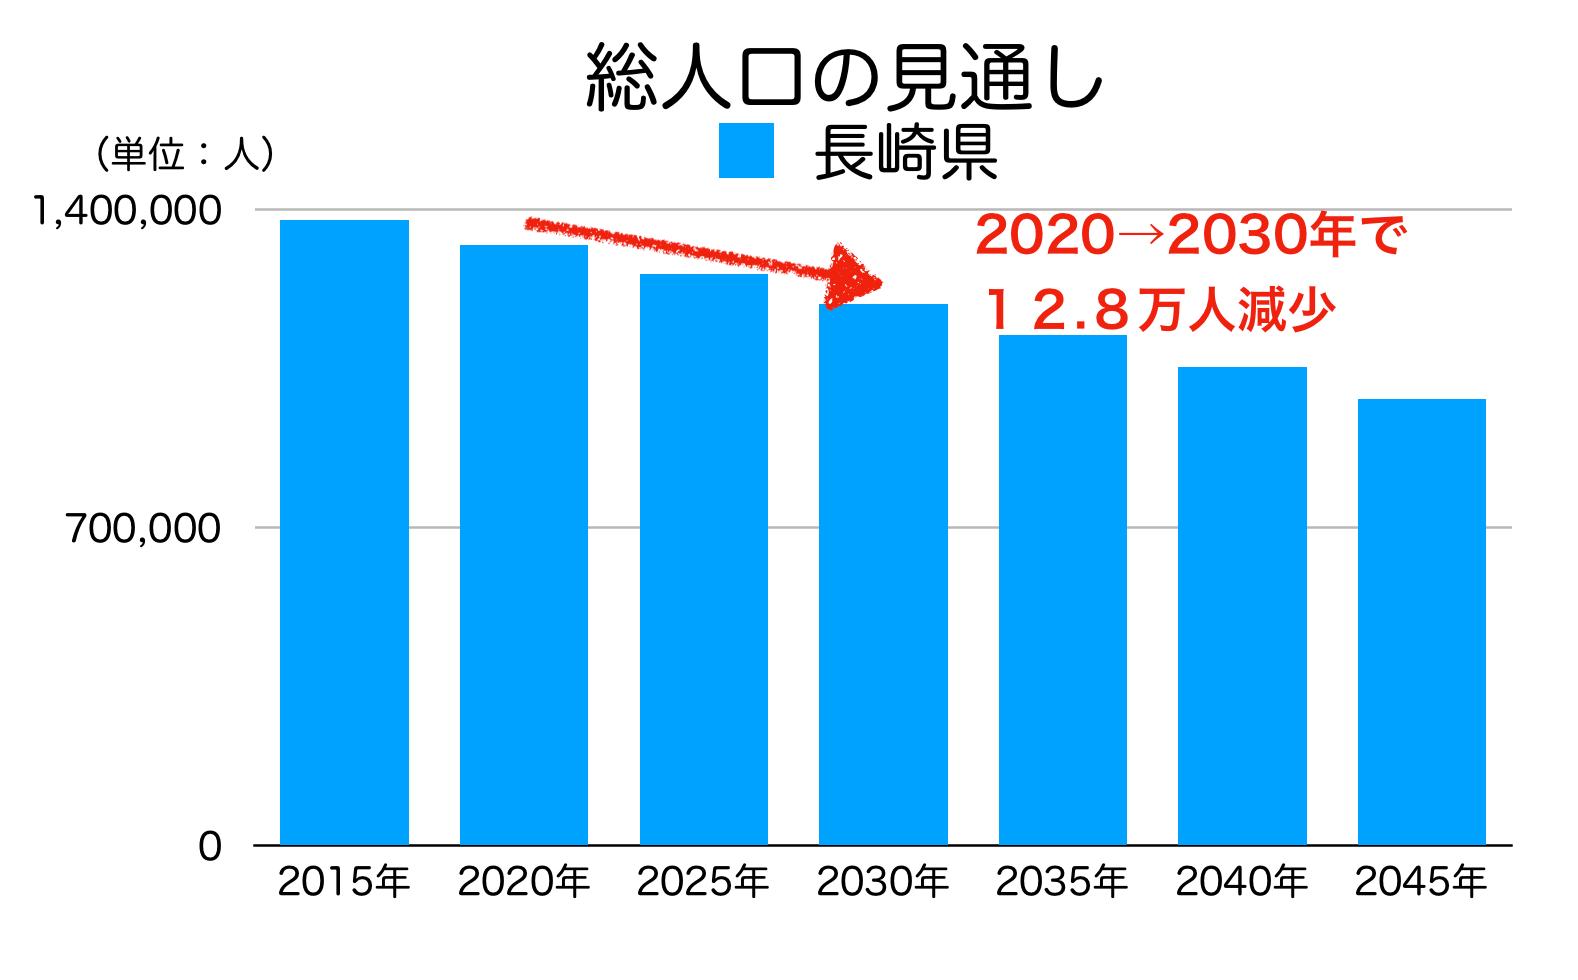 長崎県の総人口の見通し